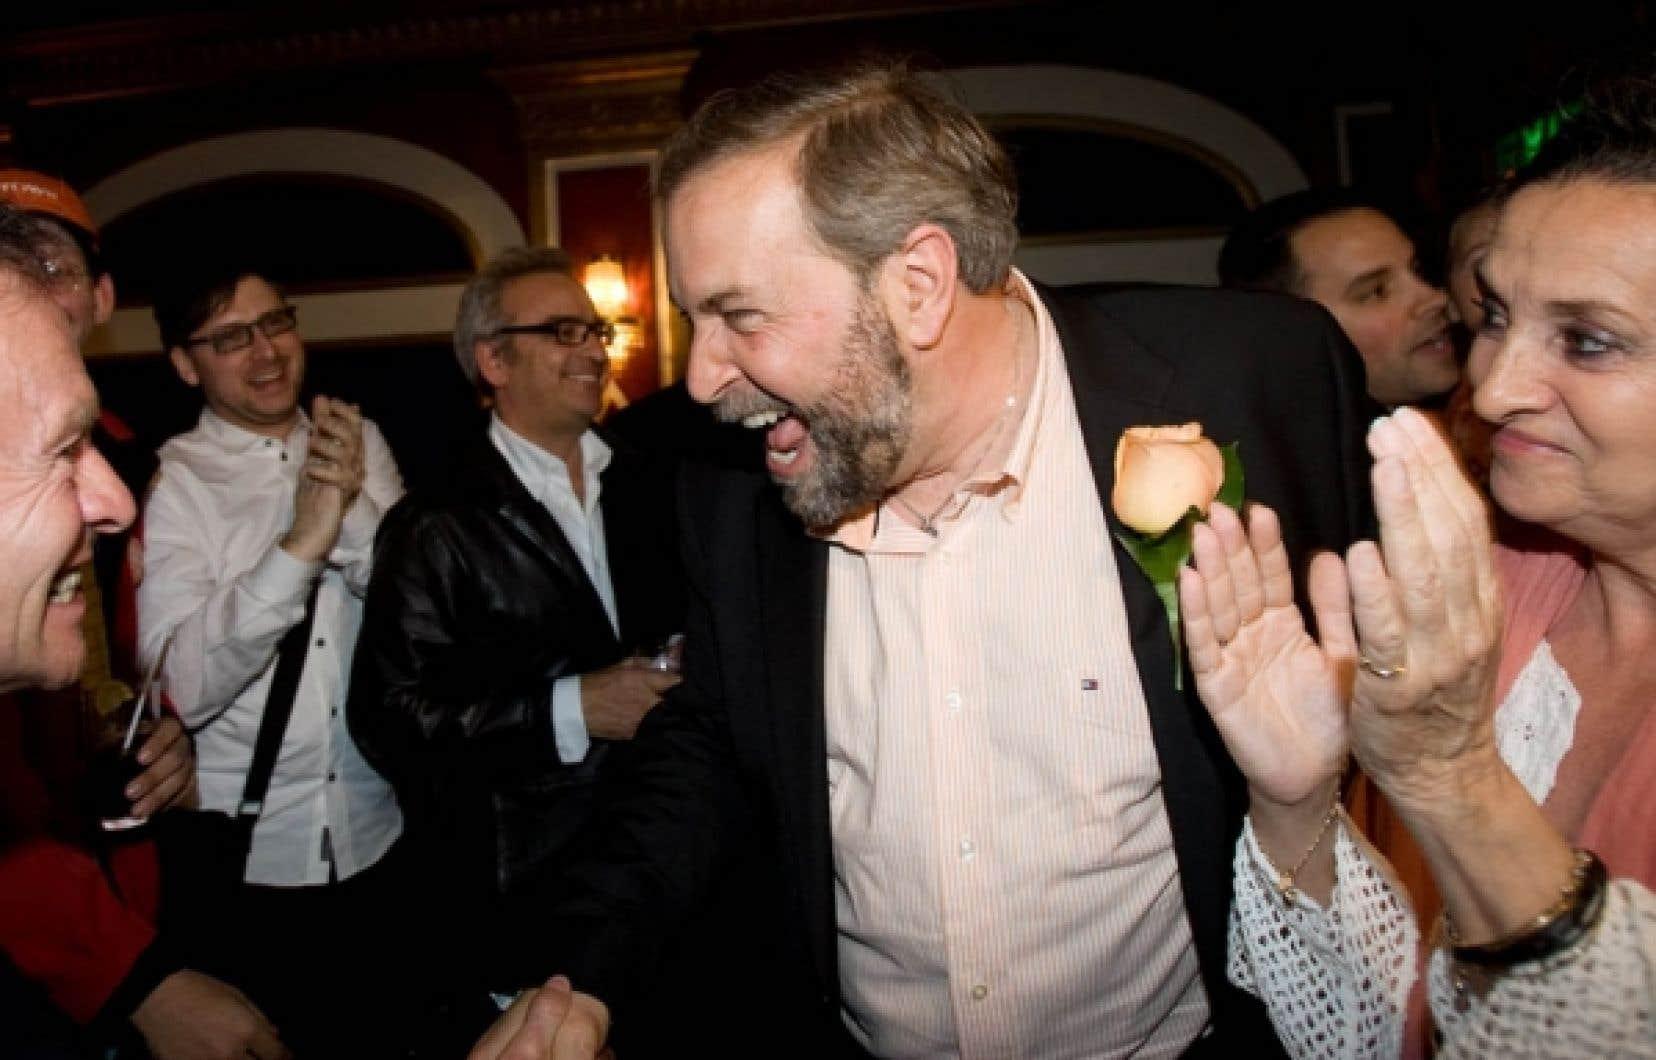 Thomas Mulcair, élu sous la bannière néodémocrate pour la première fois en 2007, ne sera plus le seul représentant québécois de sa formation après les élections d'hier. On le voit ici avec ses partisans venus au Rialto le féliciter pour sa troisième victoire, cette fois contre le libéral Martin Cauchon.<br />